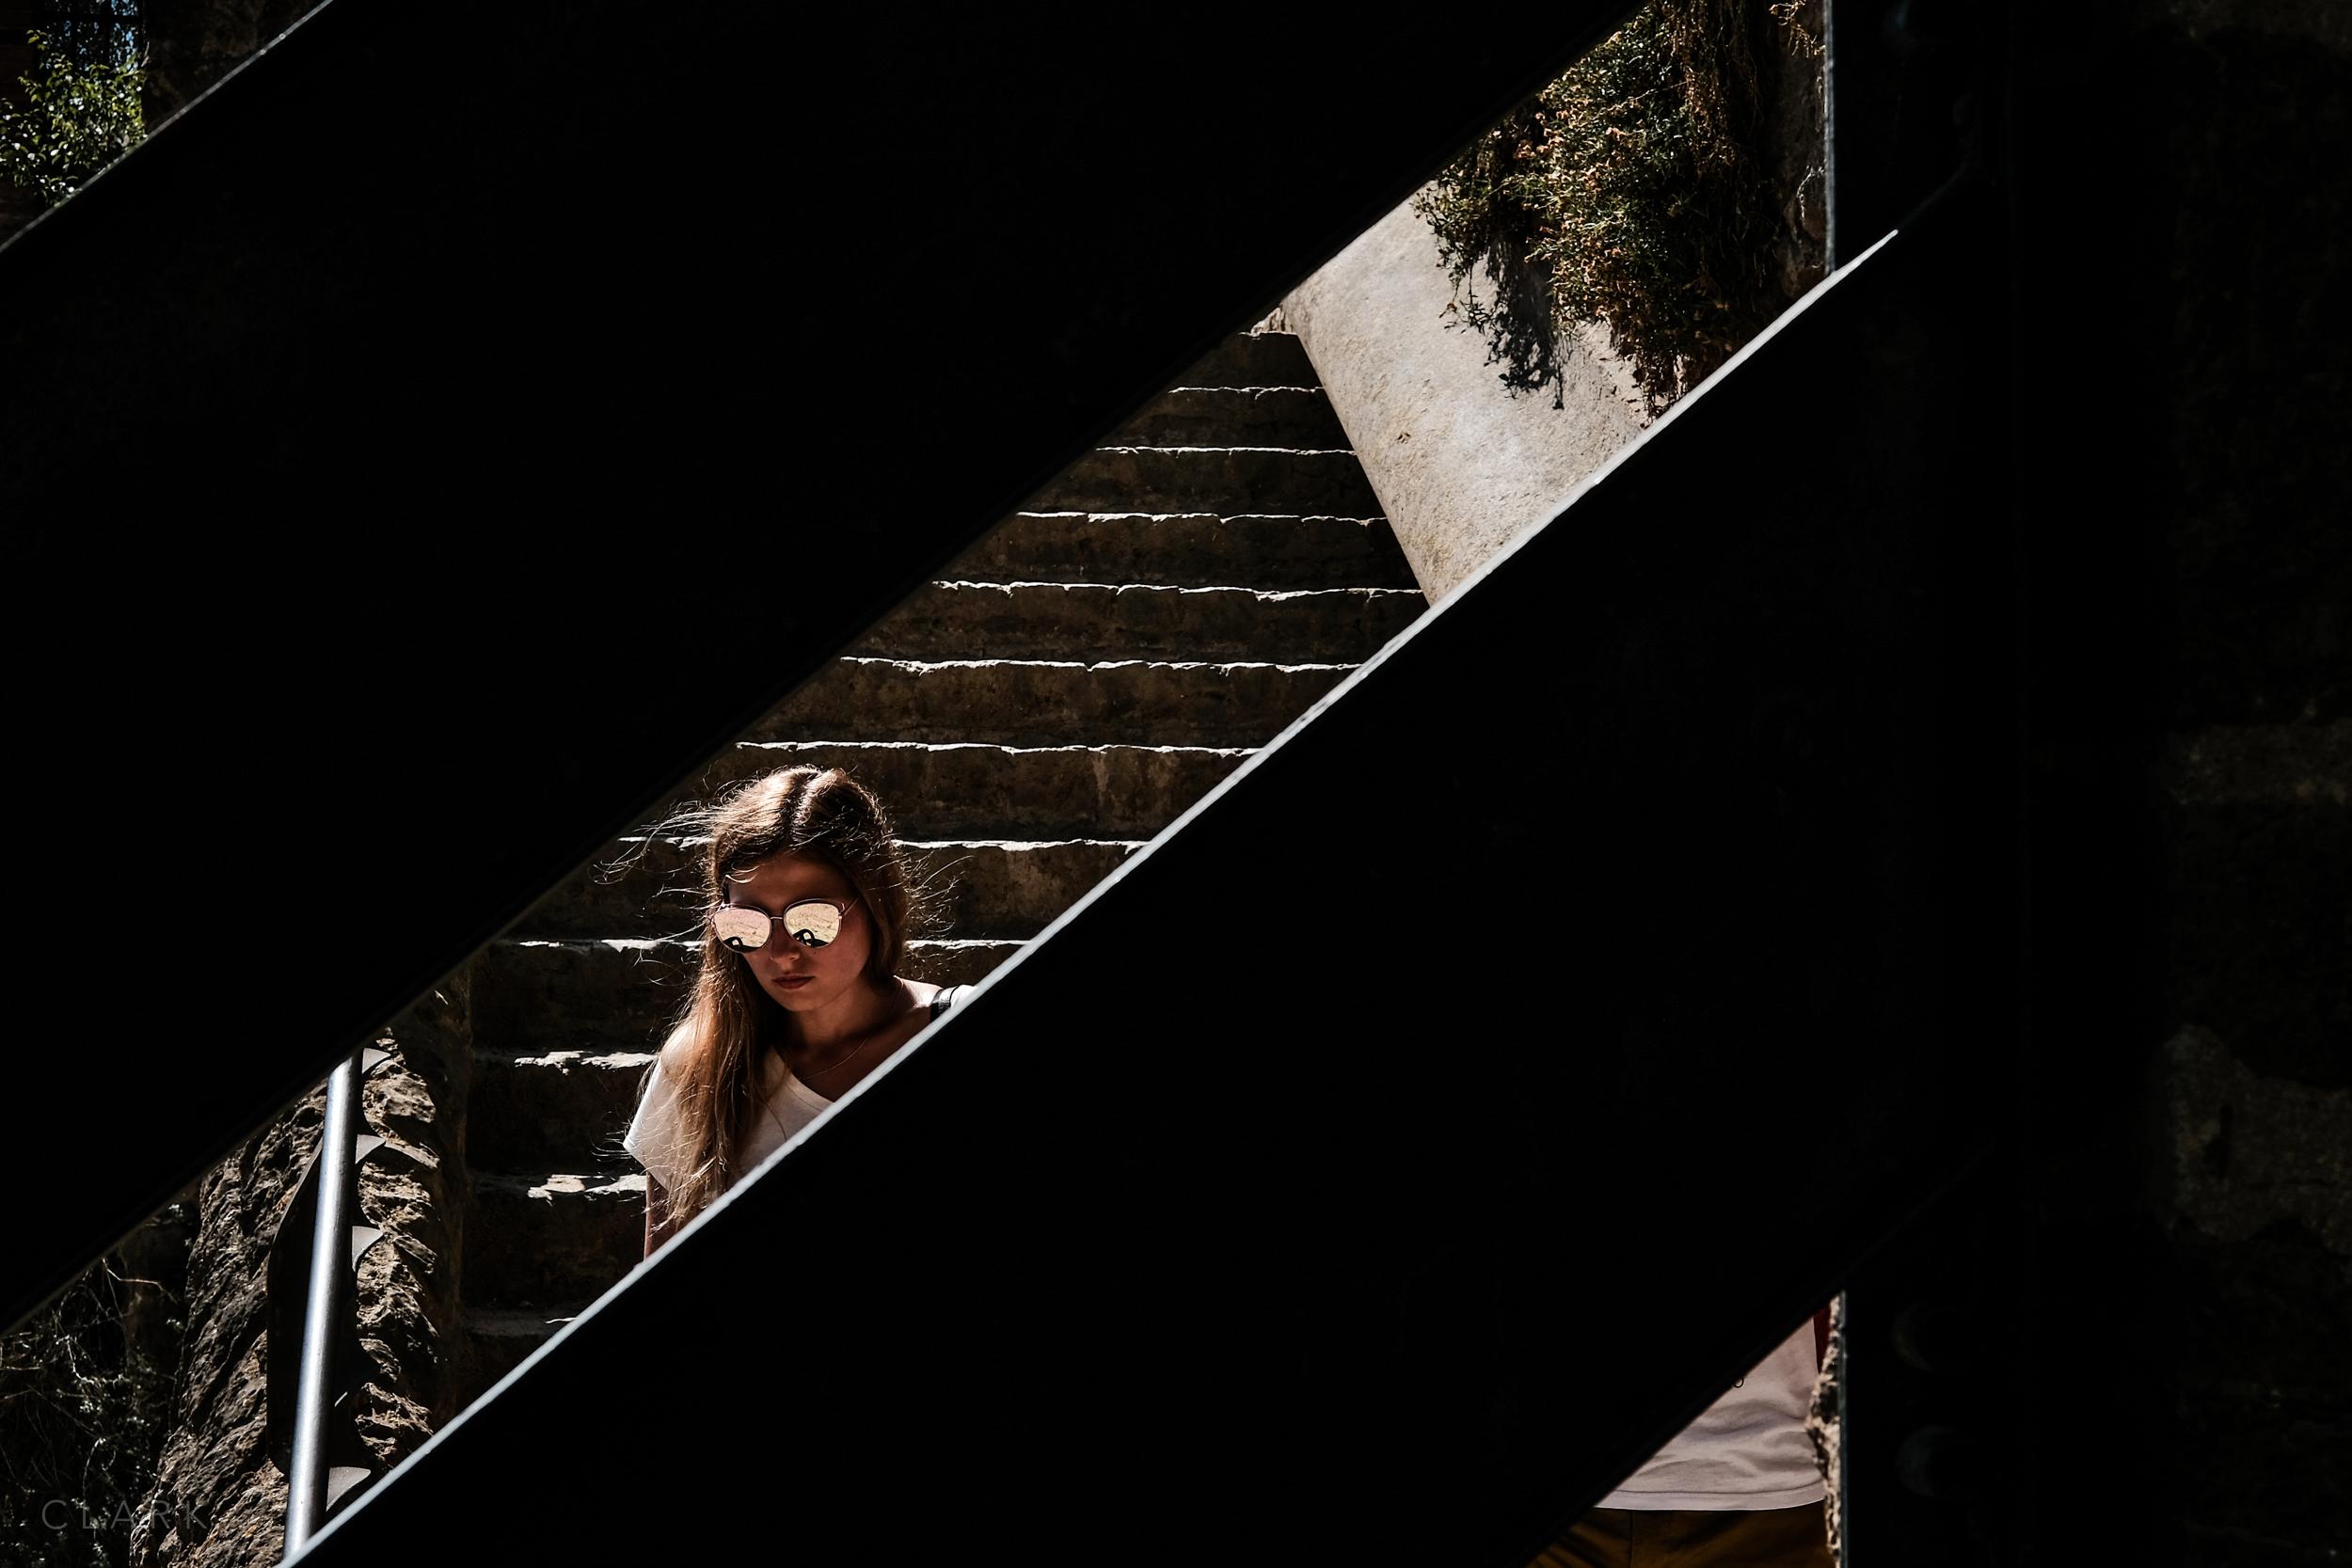 002_DerekClarkPhoto-StreetC.jpg